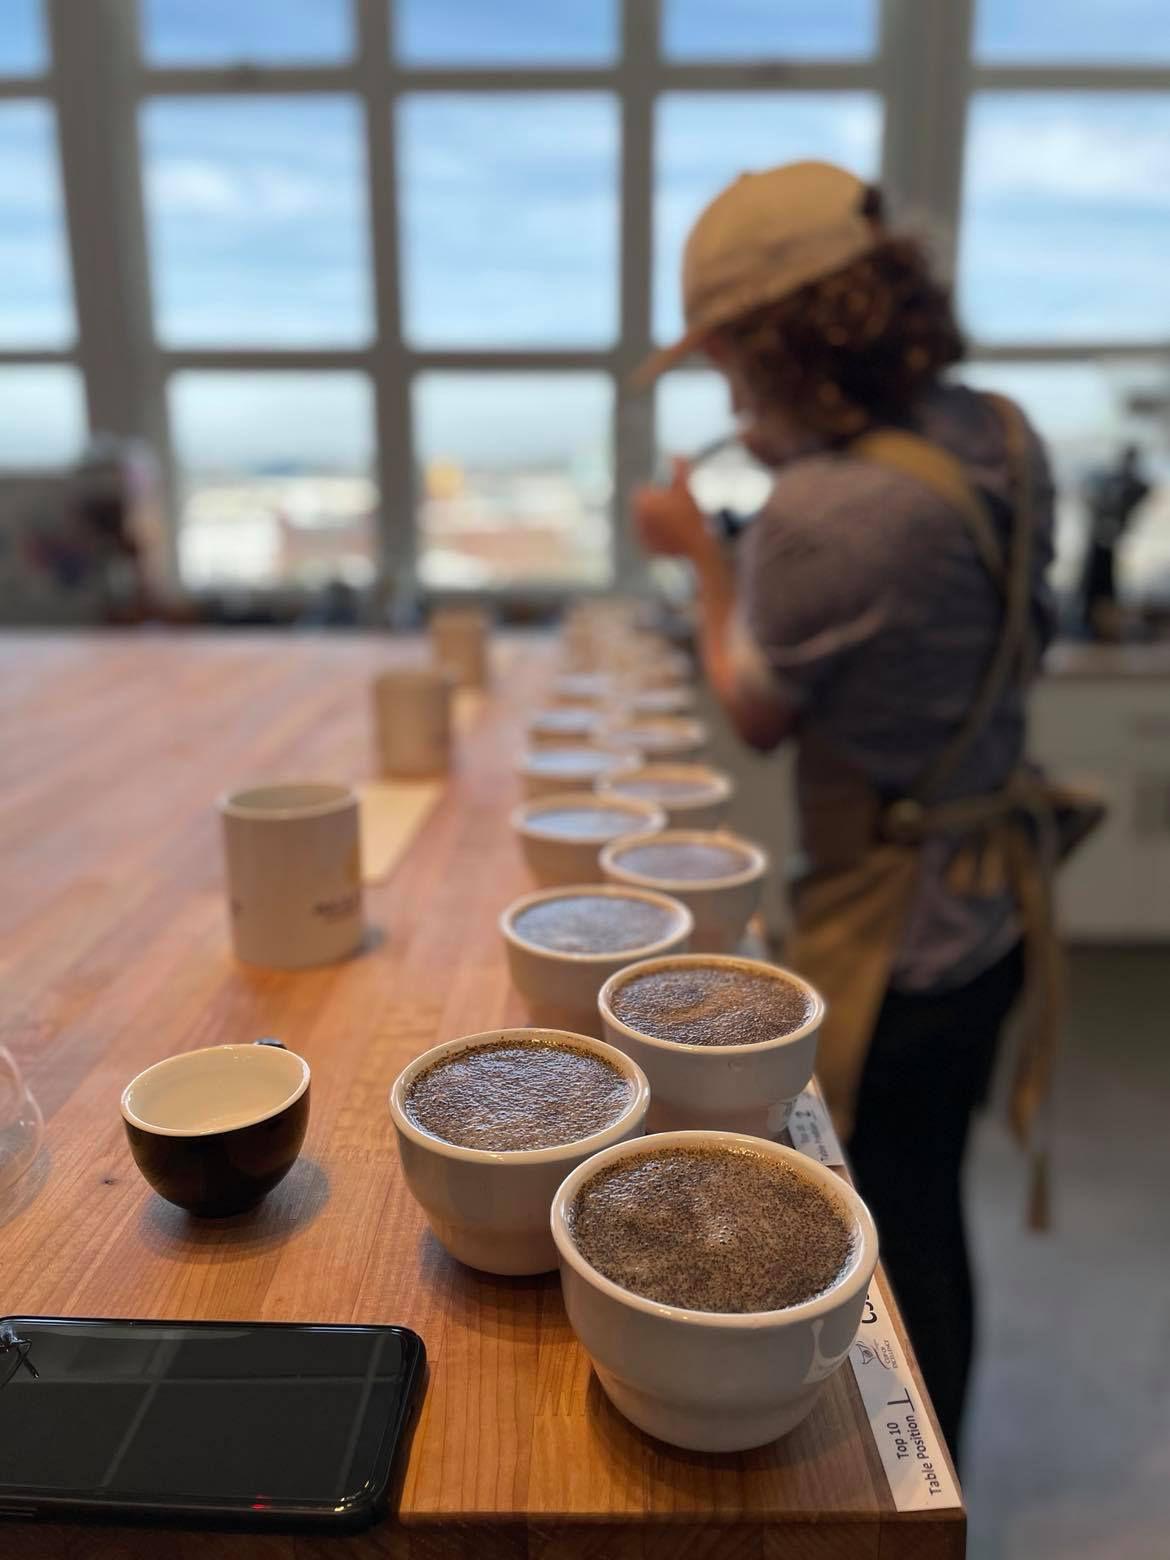 一个人在各种杯咖啡豆倒热水。